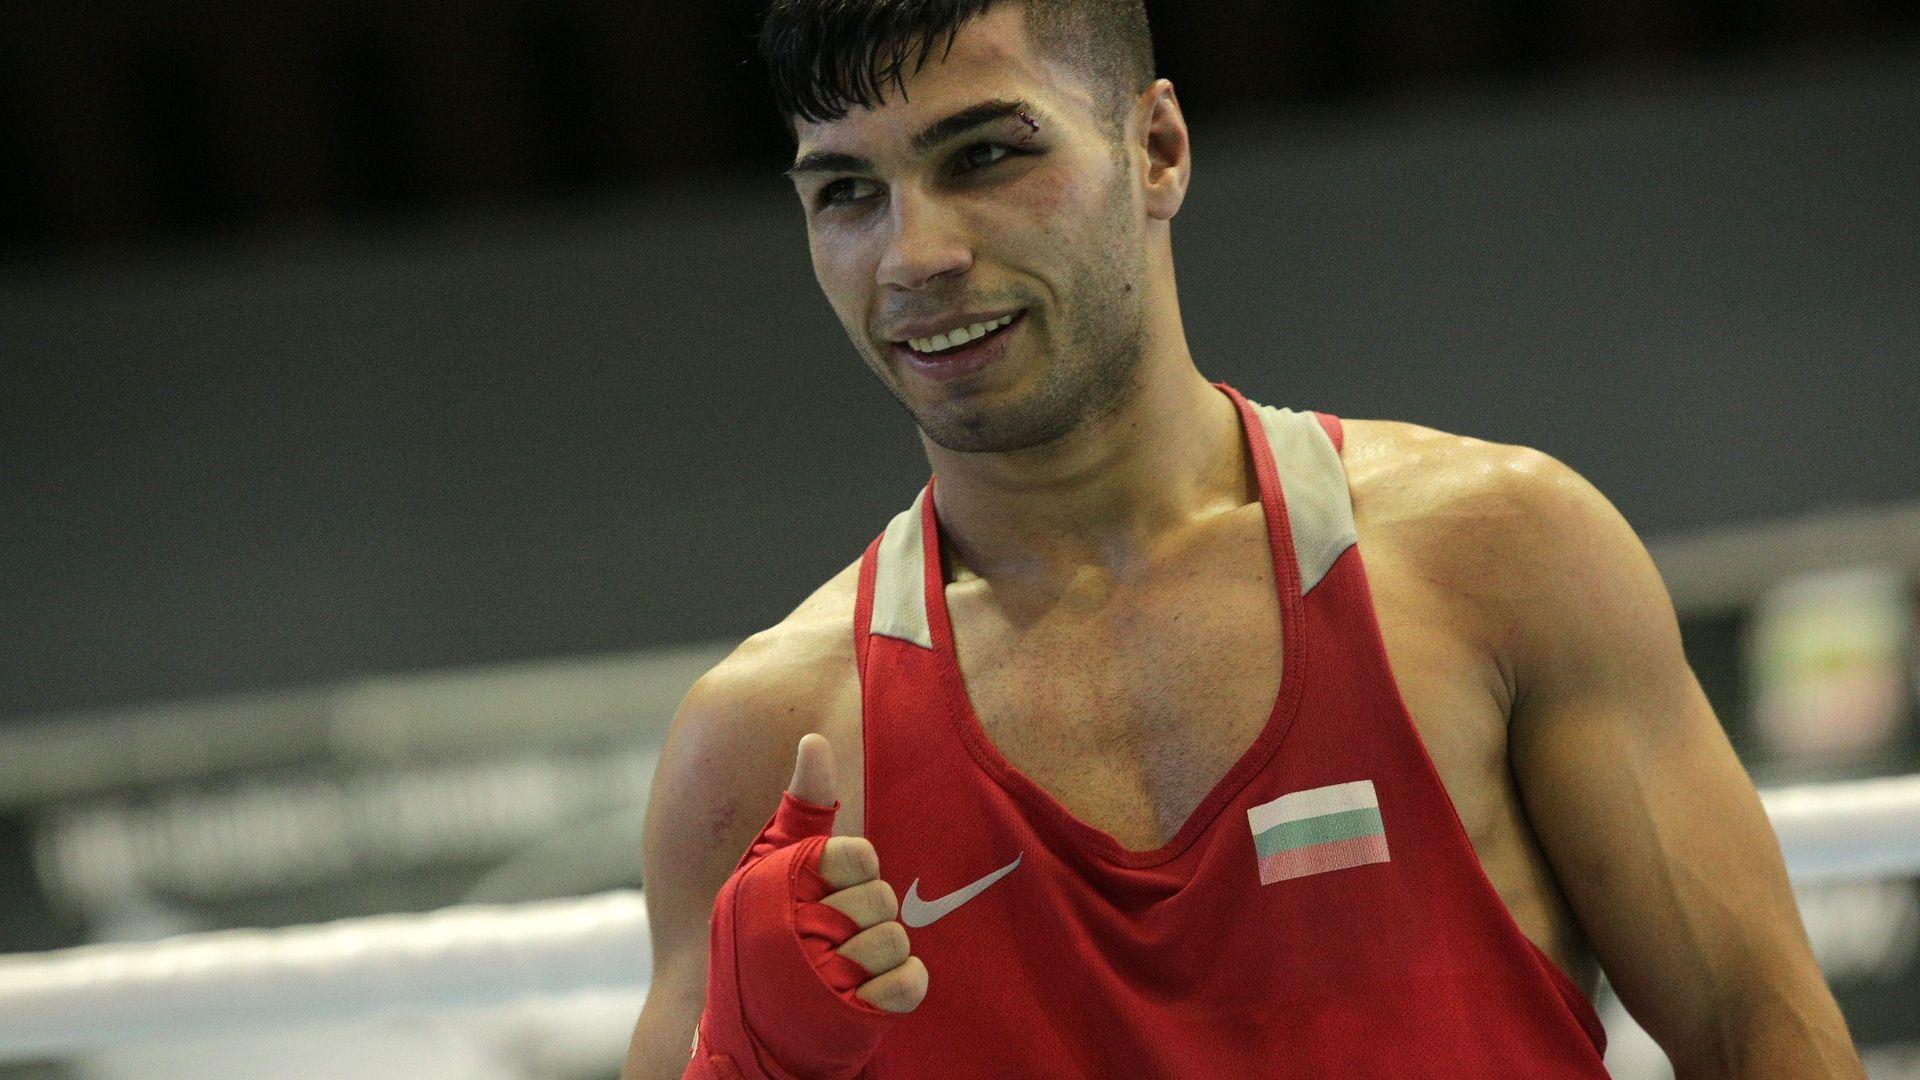 Българите ще се боксират, но олимпийската квалификация спира след това